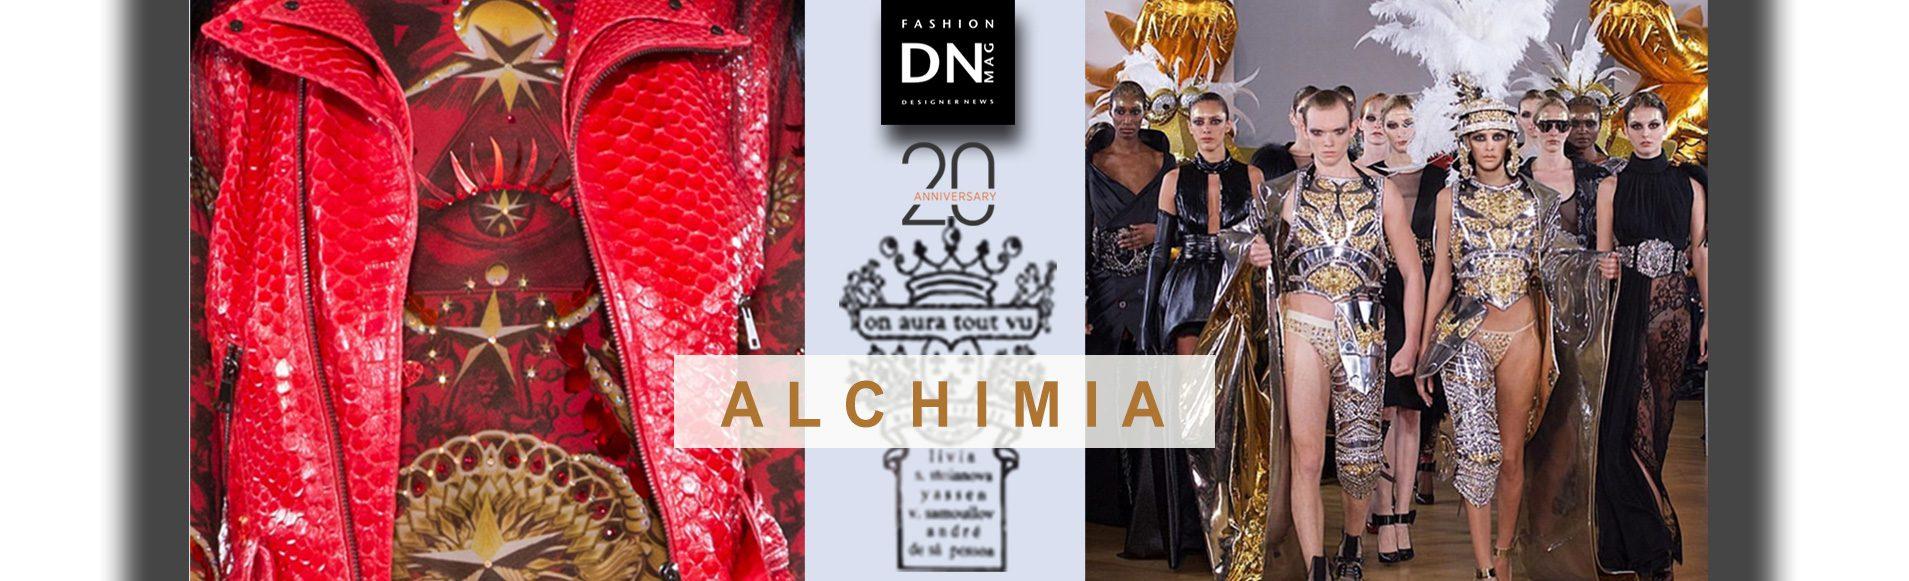 DNMAG-ON-AURA-TOUT-VU-ALCHIMIA-SS19